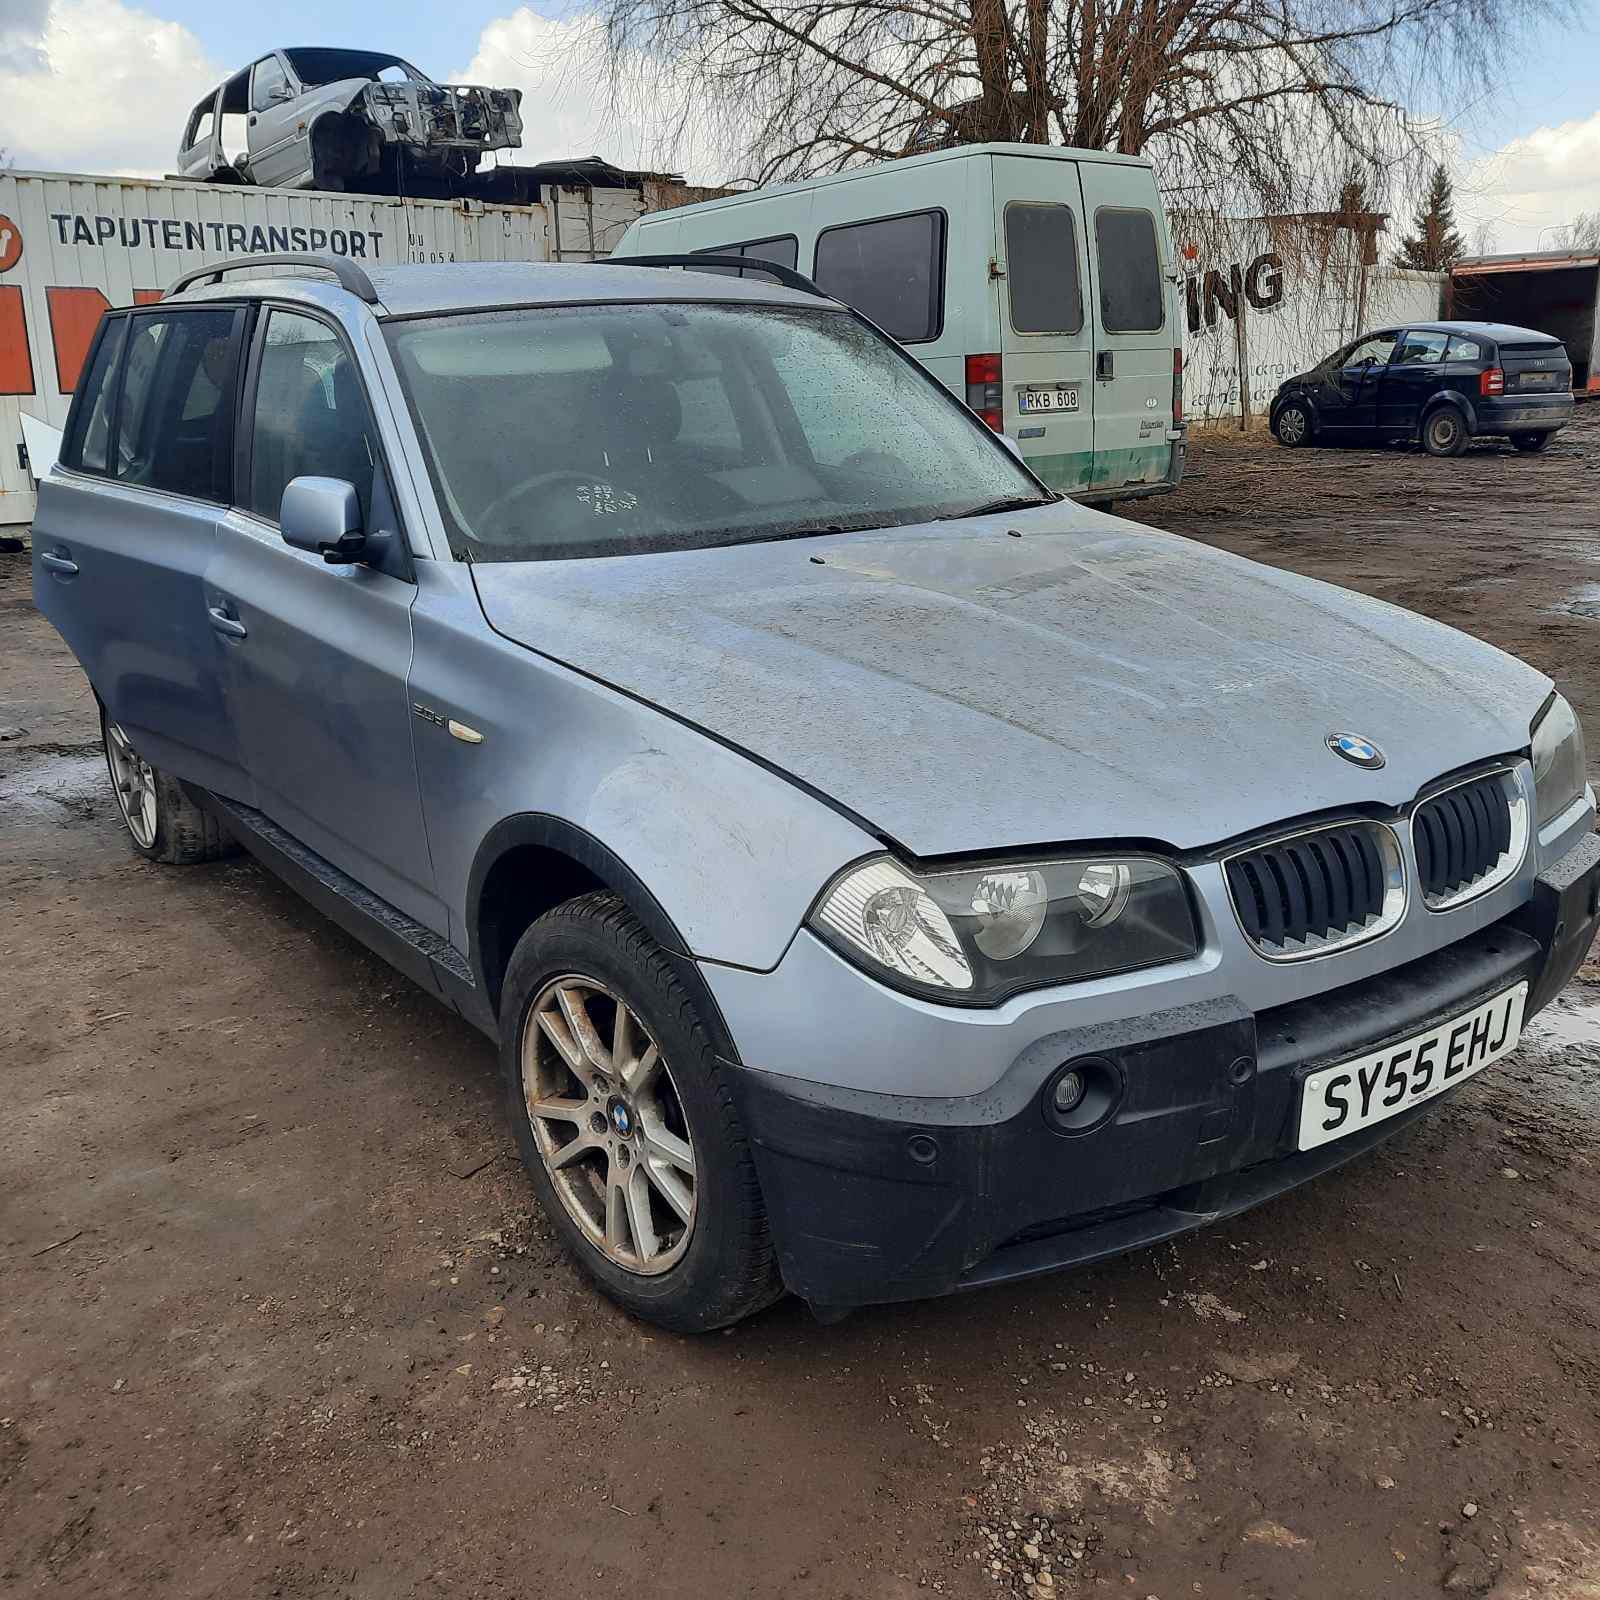 Подержанные Автозапчасти BMW X3 2005 2.0 машиностроение напрямик 4/5 d. синий 2021-4-07